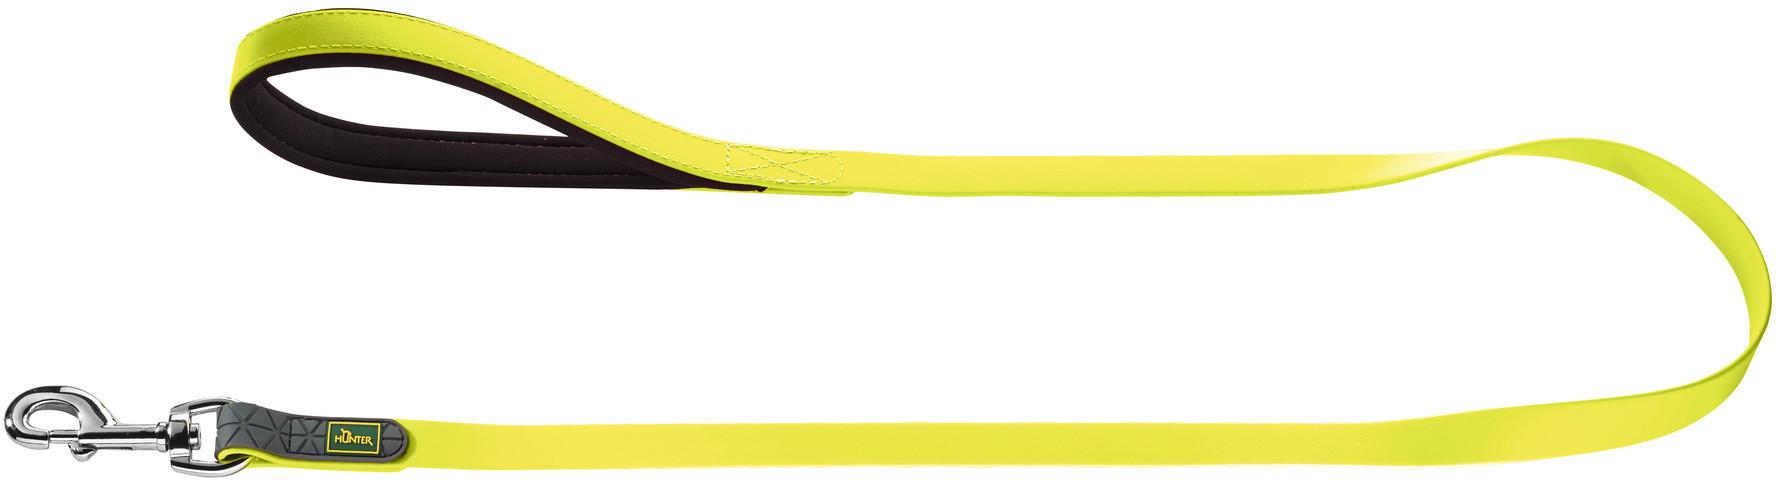 Поводки Поводок для собак, Hunter Convienience 15/120, биотановый желтый неон 63070.jpg